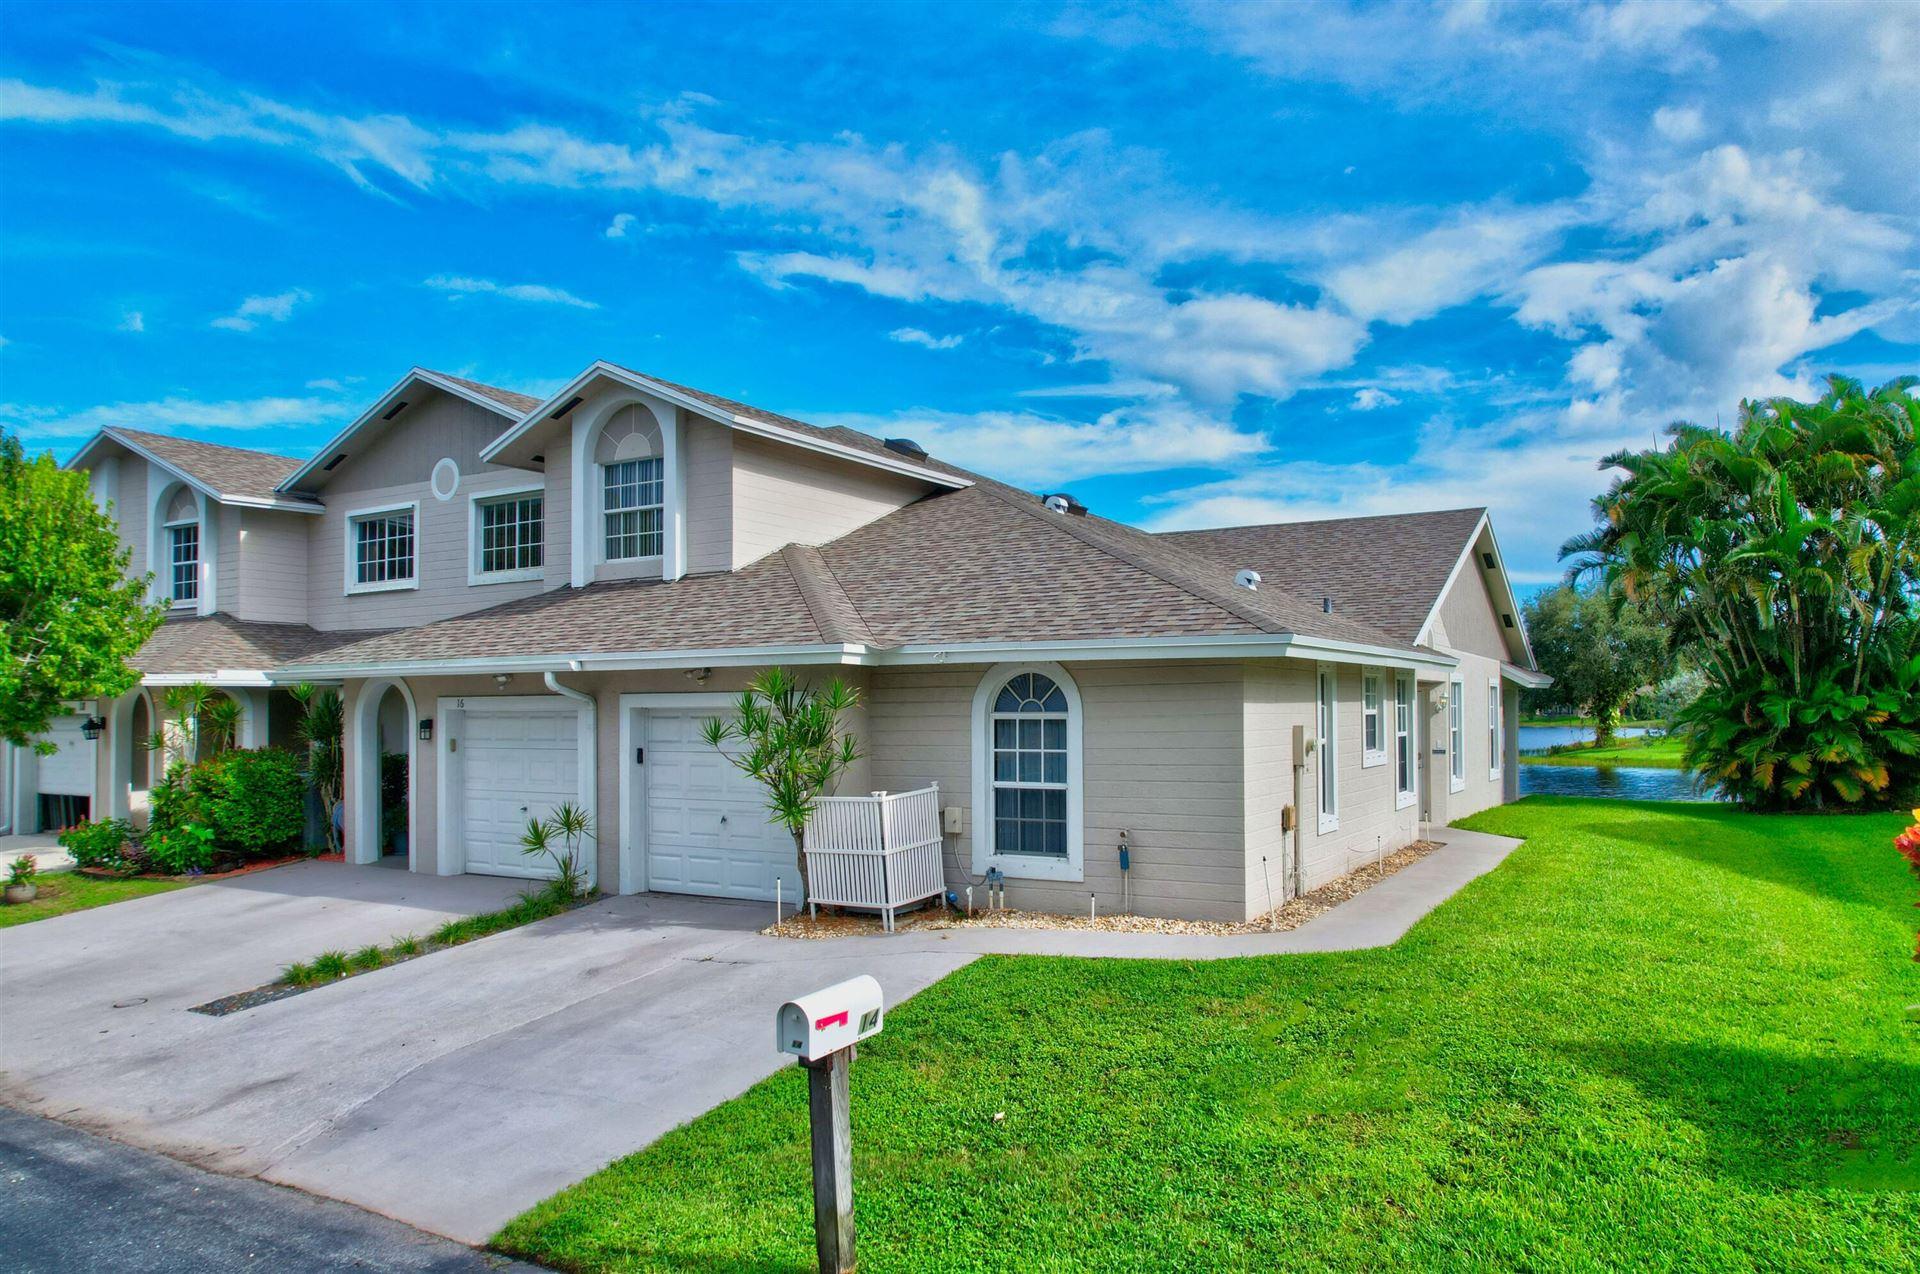 14 Desford Lane, Boynton Beach, FL 33426 - MLS#: RX-10747833